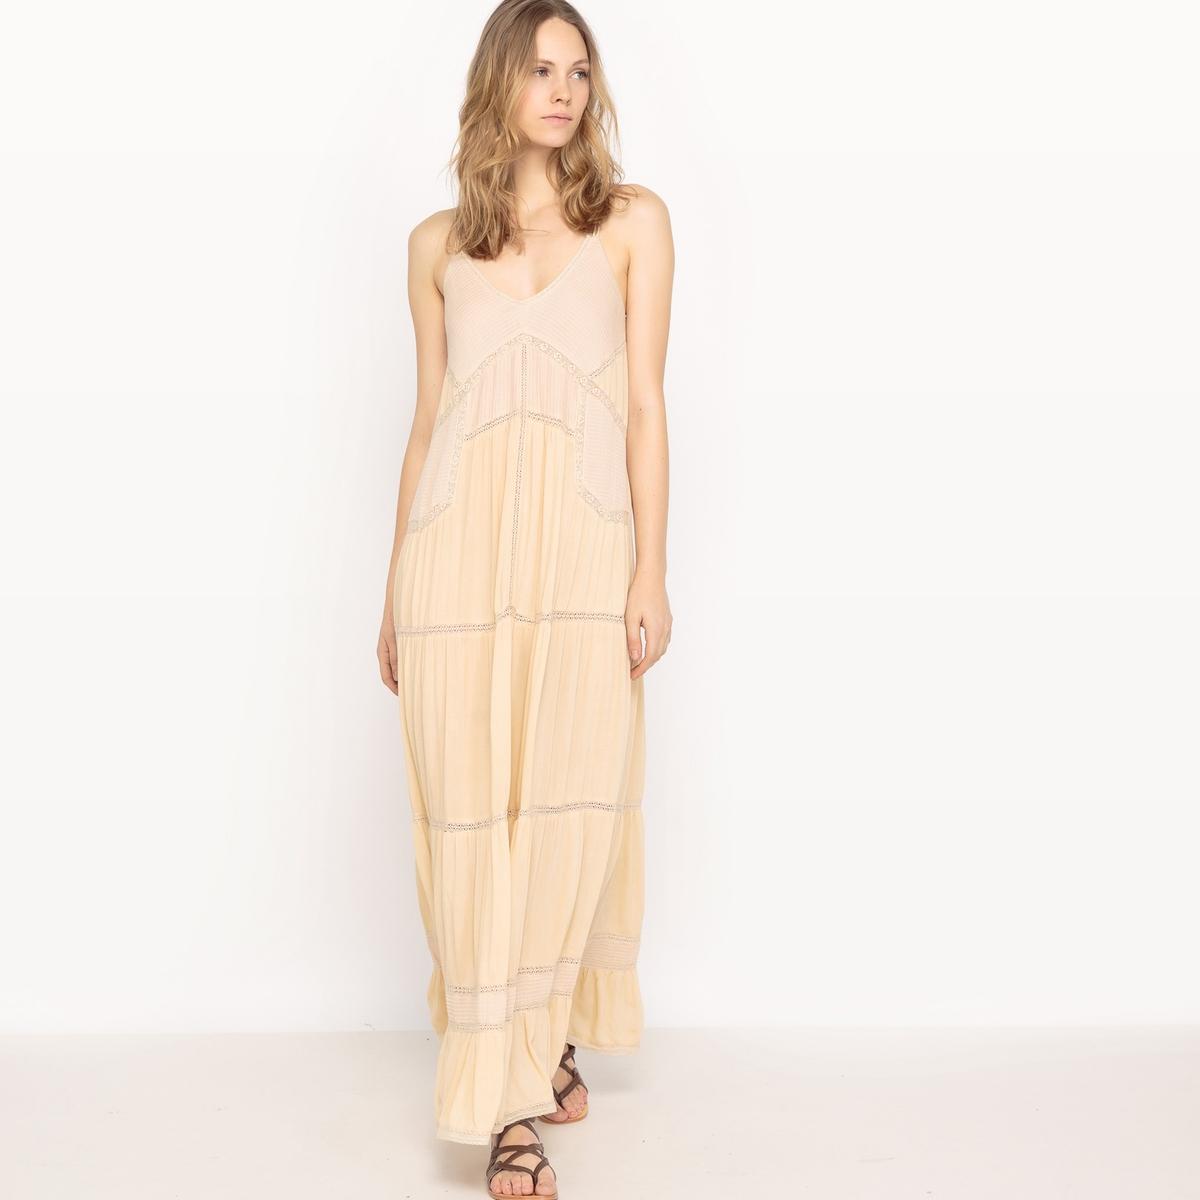 Платье длинное с открытой спинойМатериал : 100% вискоза  Длина рукава : тонкие бретели  Форма воротника : V-образный вырез Покрой платья : расклешенное платье. Рисунок : Однотонная модель  Особенность платья : глубокий вырез сзади. Длина платья : удлиненная модель.<br><br>Цвет: бледно-розовый,черный<br>Размер: S.M